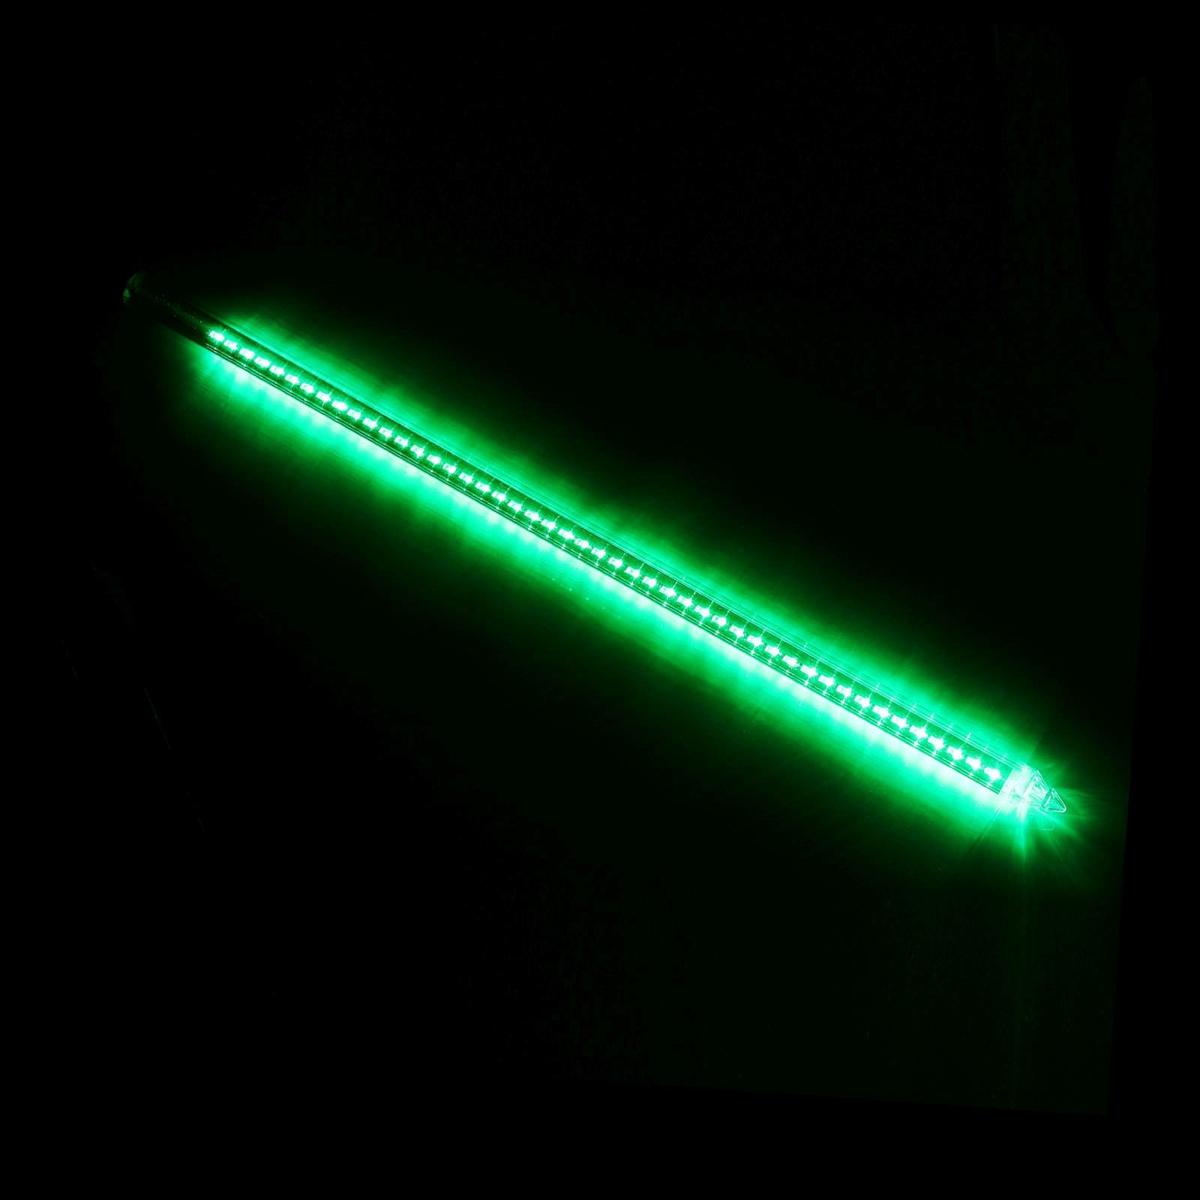 Светодиодная сосулька Luazon Тающая, длина 0,8 м, диаметр 2 см, LED 48 ламп, 220V, цвет: зеленый678027Светодиодные гирлянды, ленты и т.д — это отличный вариант для новогоднего оформления интерьера или фасада. С их помощью помещение любого размера можно превратить в праздничный зал, а внешние элементы зданий, украшенные ими, мгновенно станут напоминать очертания сказочного дворца. Такие украшения создают ауру предвкушения чуда. Деревья, фасады, витрины, окна и арки будто специально созданы, чтобы вы украсили их светящимися нитями.